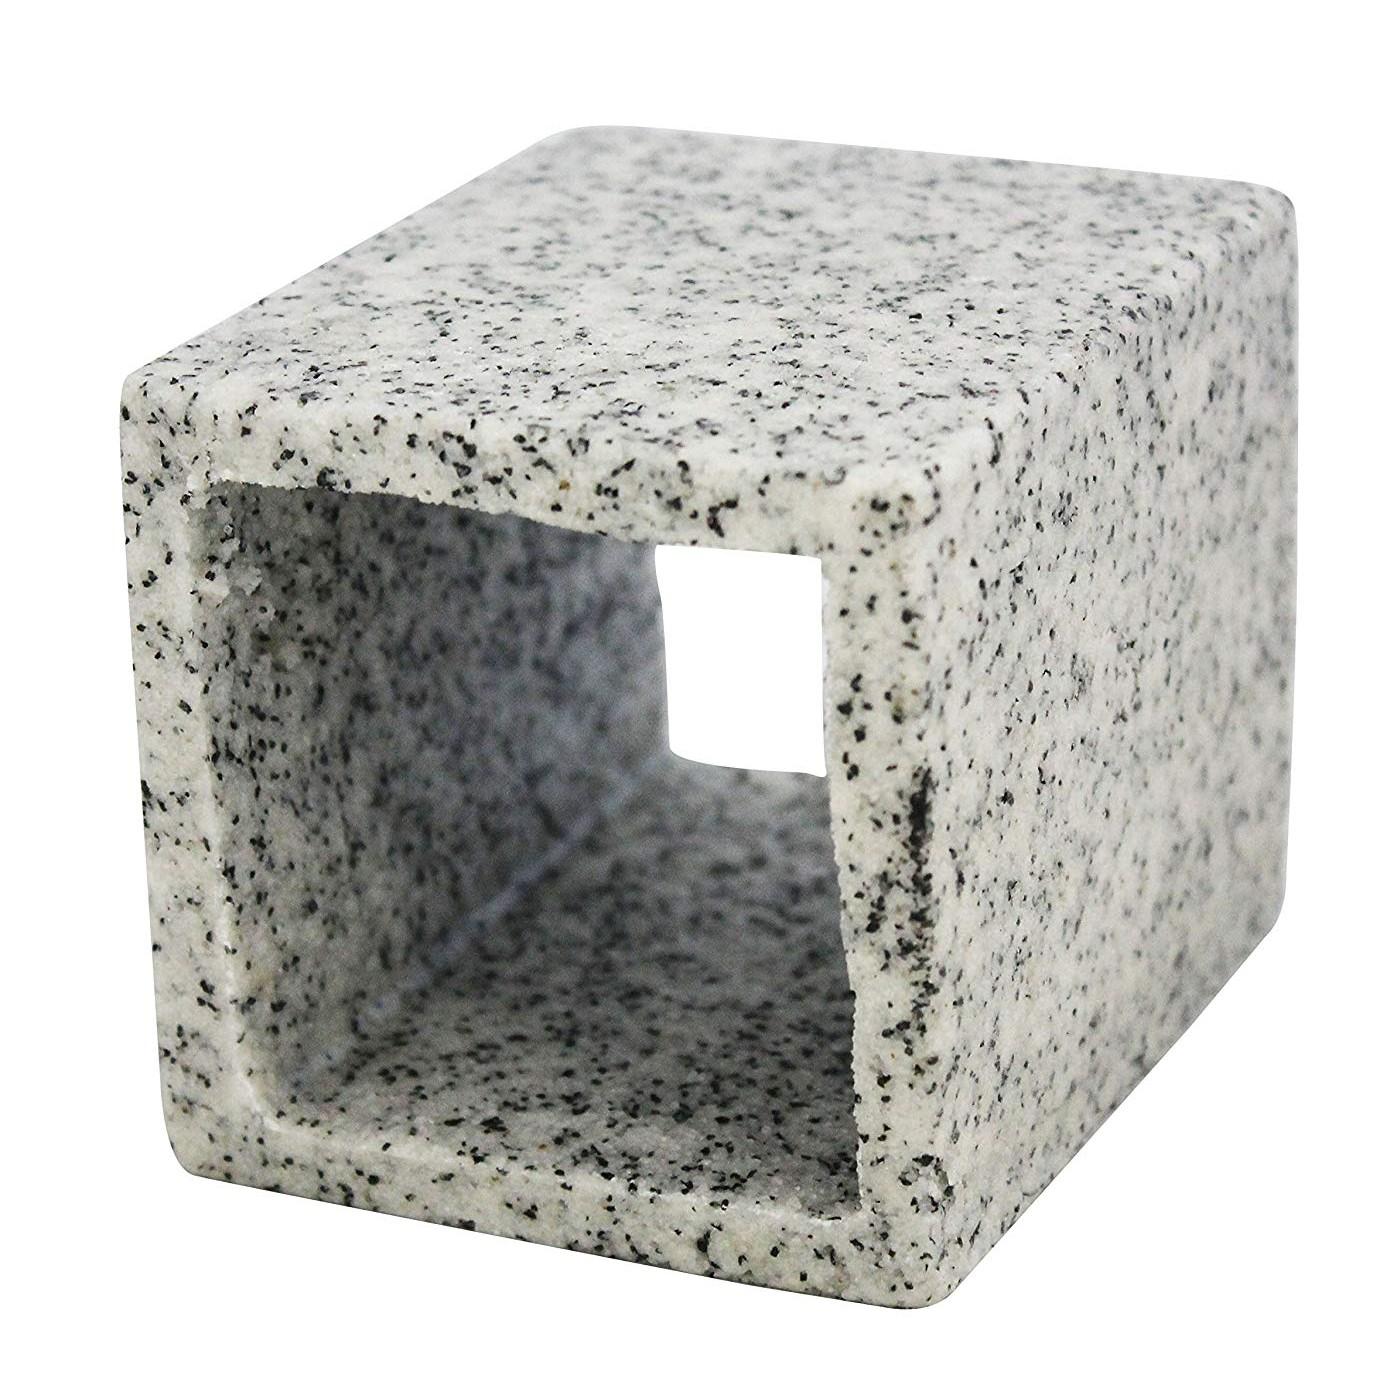 Aqua One Cave Square (M) 8X8X10cm Marble